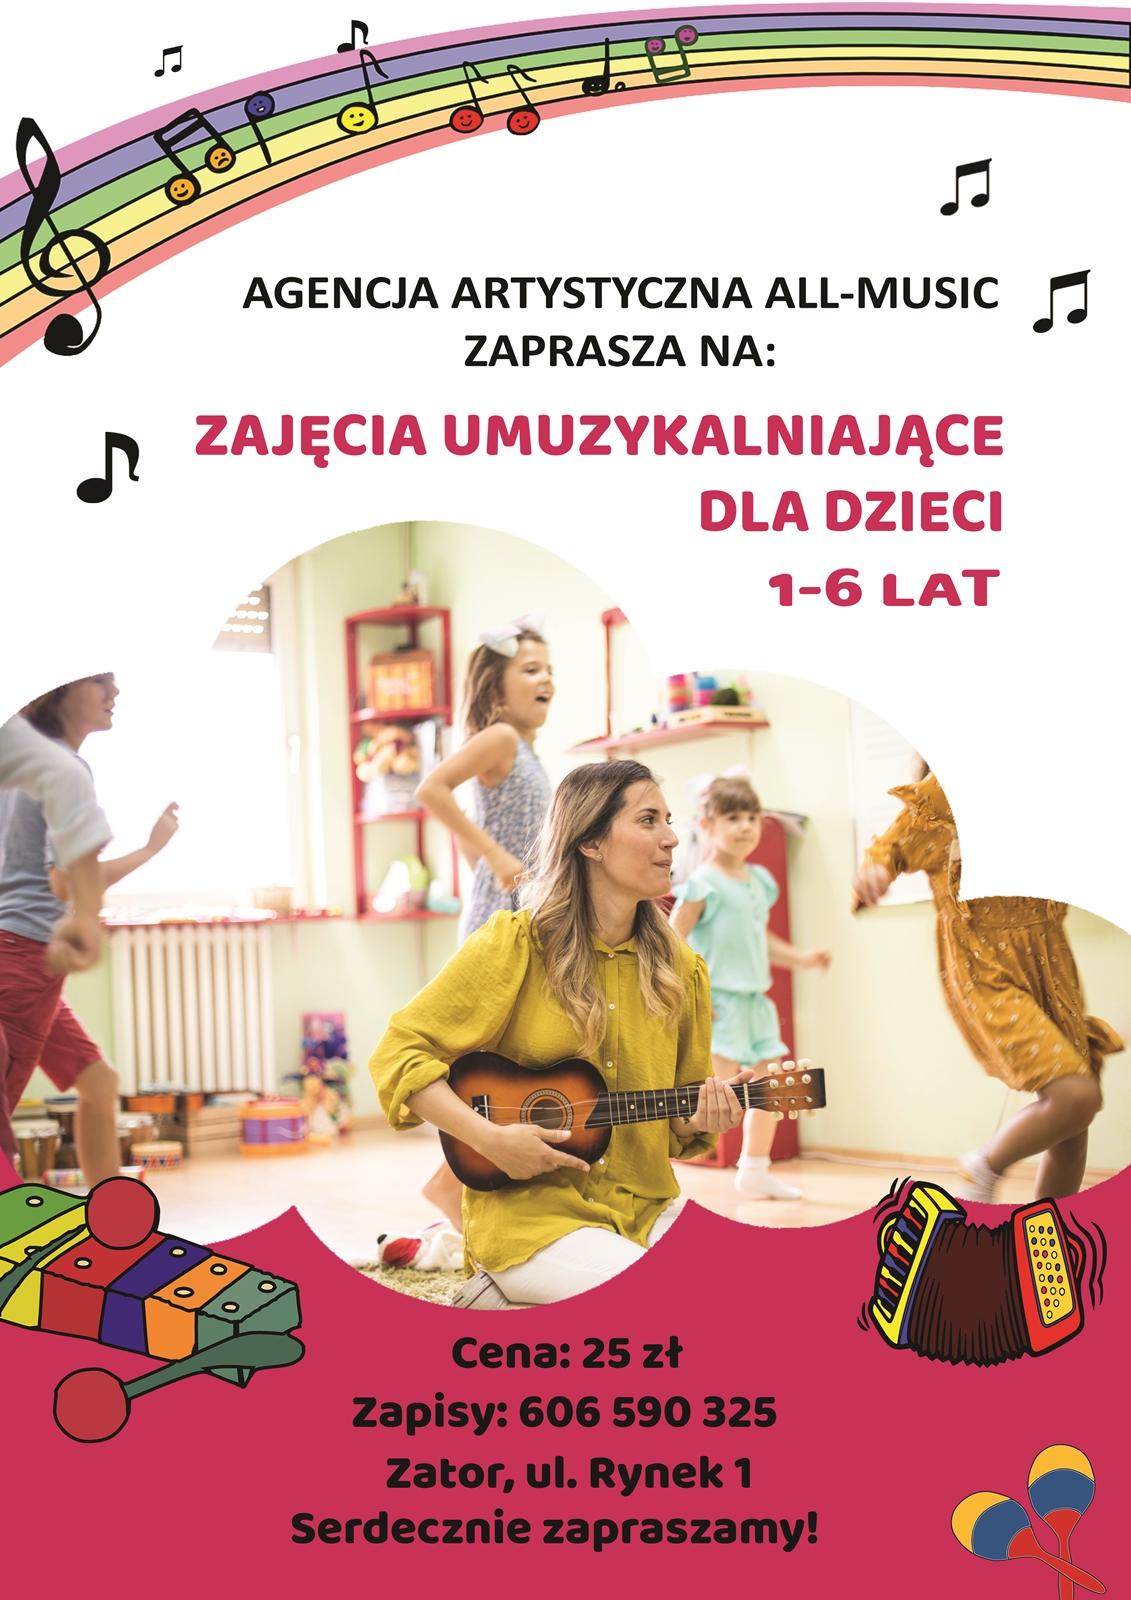 All-Music – zajęcia umuzykalniające dla dzieci 1-6 lat